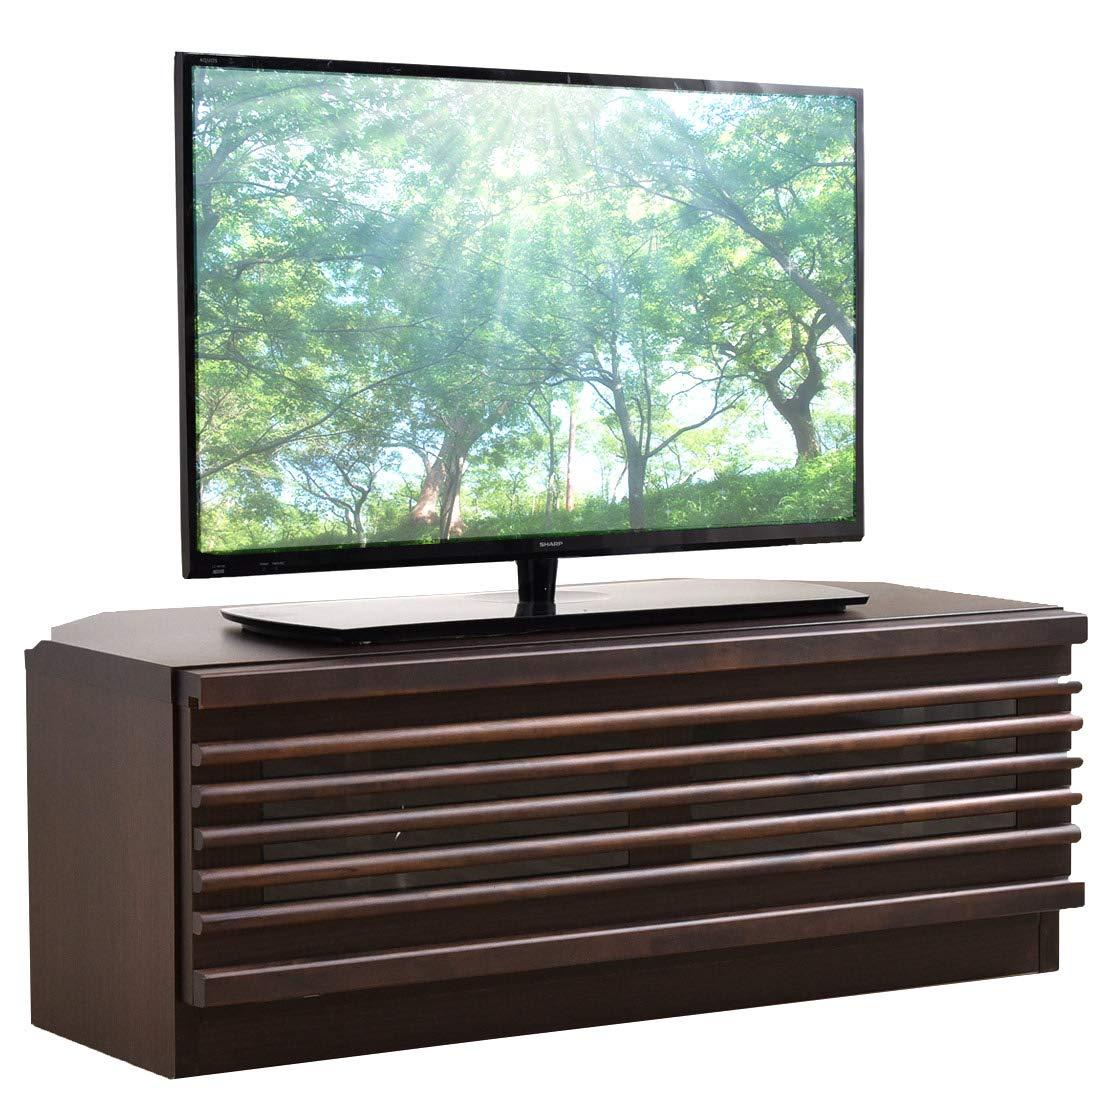 収納付きのテレビ台おすすめ10選!コーナータイプやハイタイプも